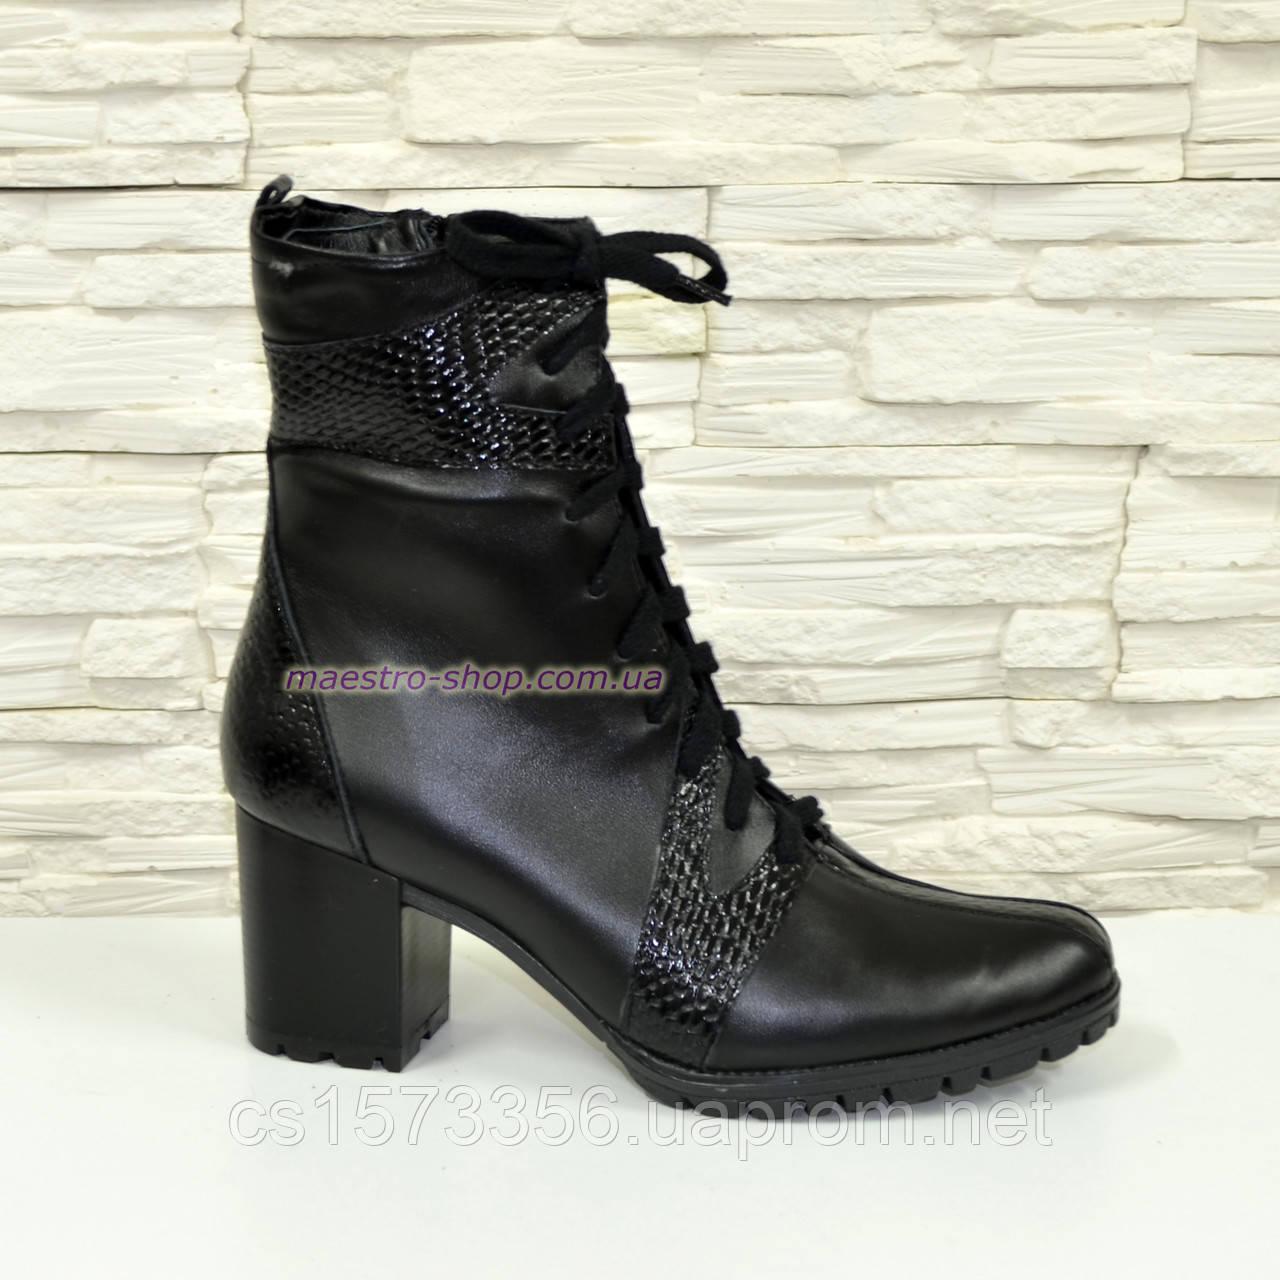 Кожаные женские ботинки демисезонные от производителя